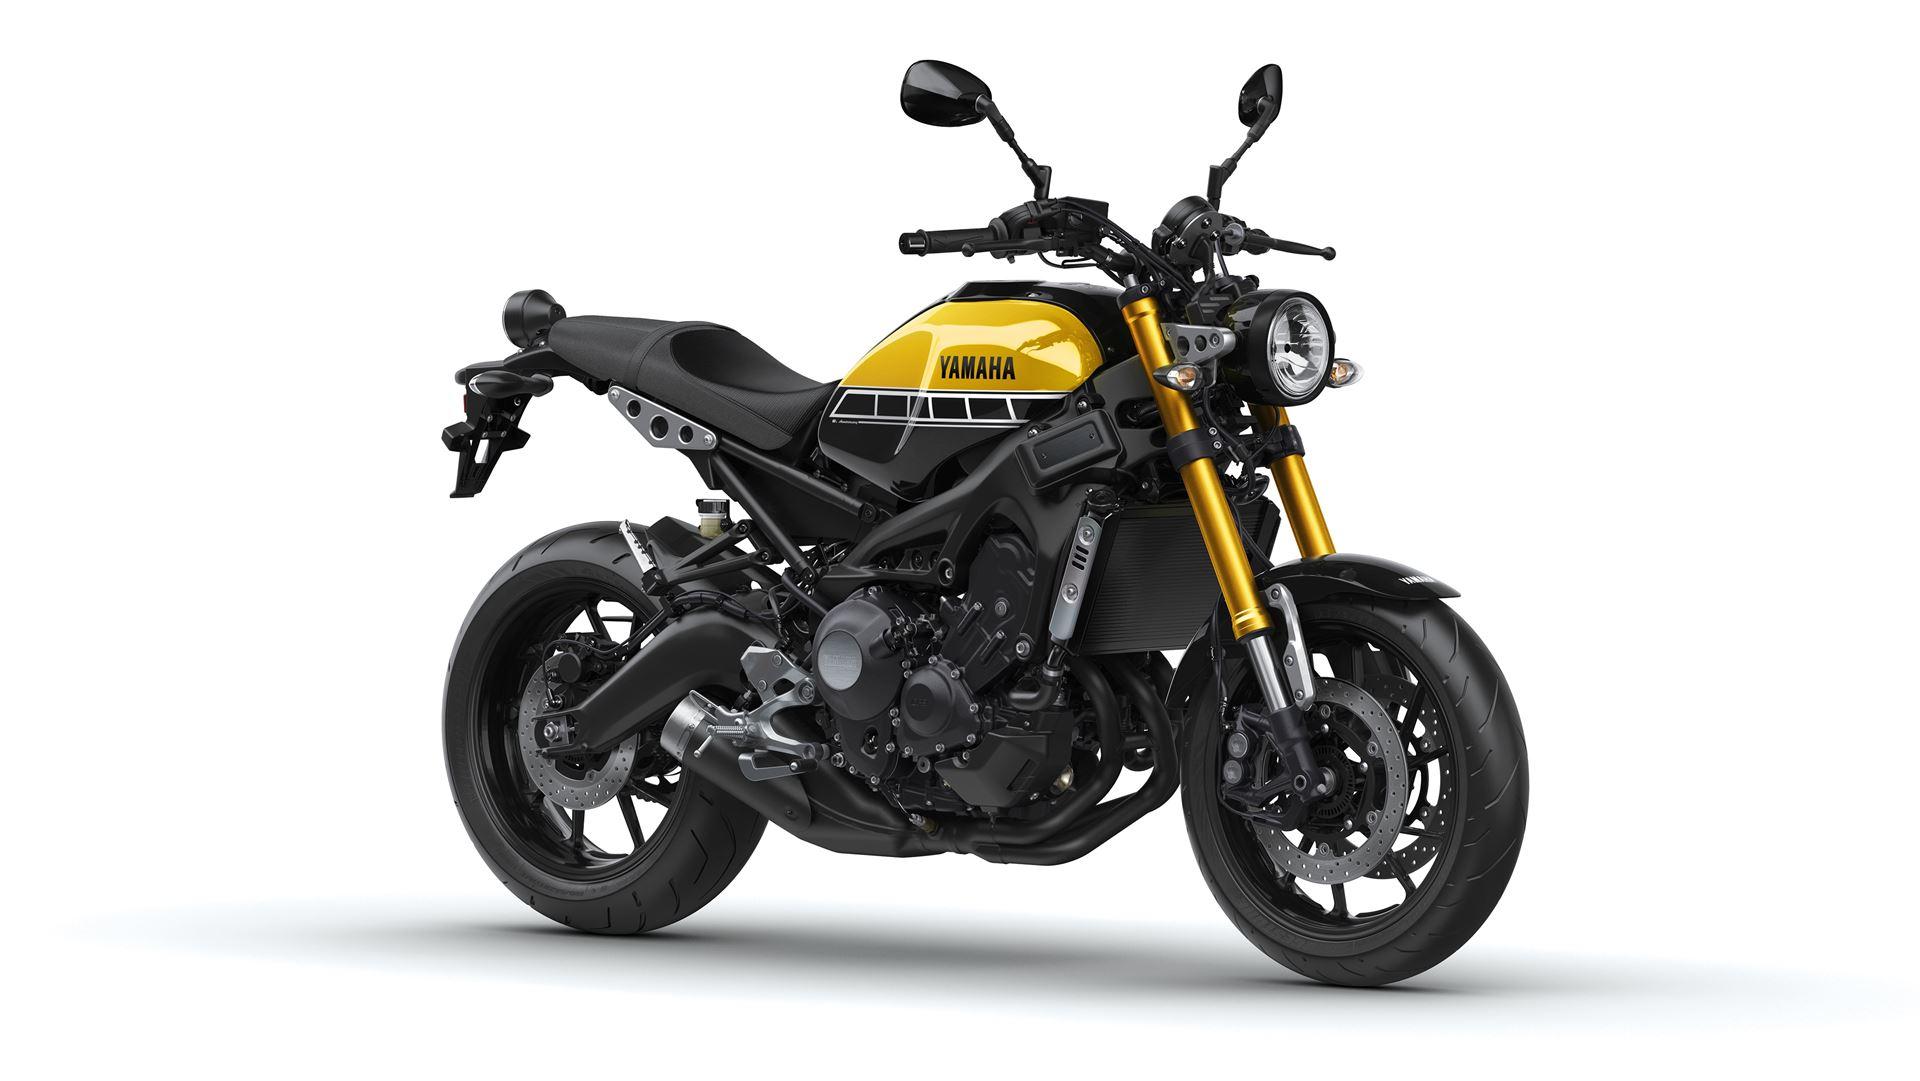 yamaha xsr900 moto sport heritage andar de moto. Black Bedroom Furniture Sets. Home Design Ideas